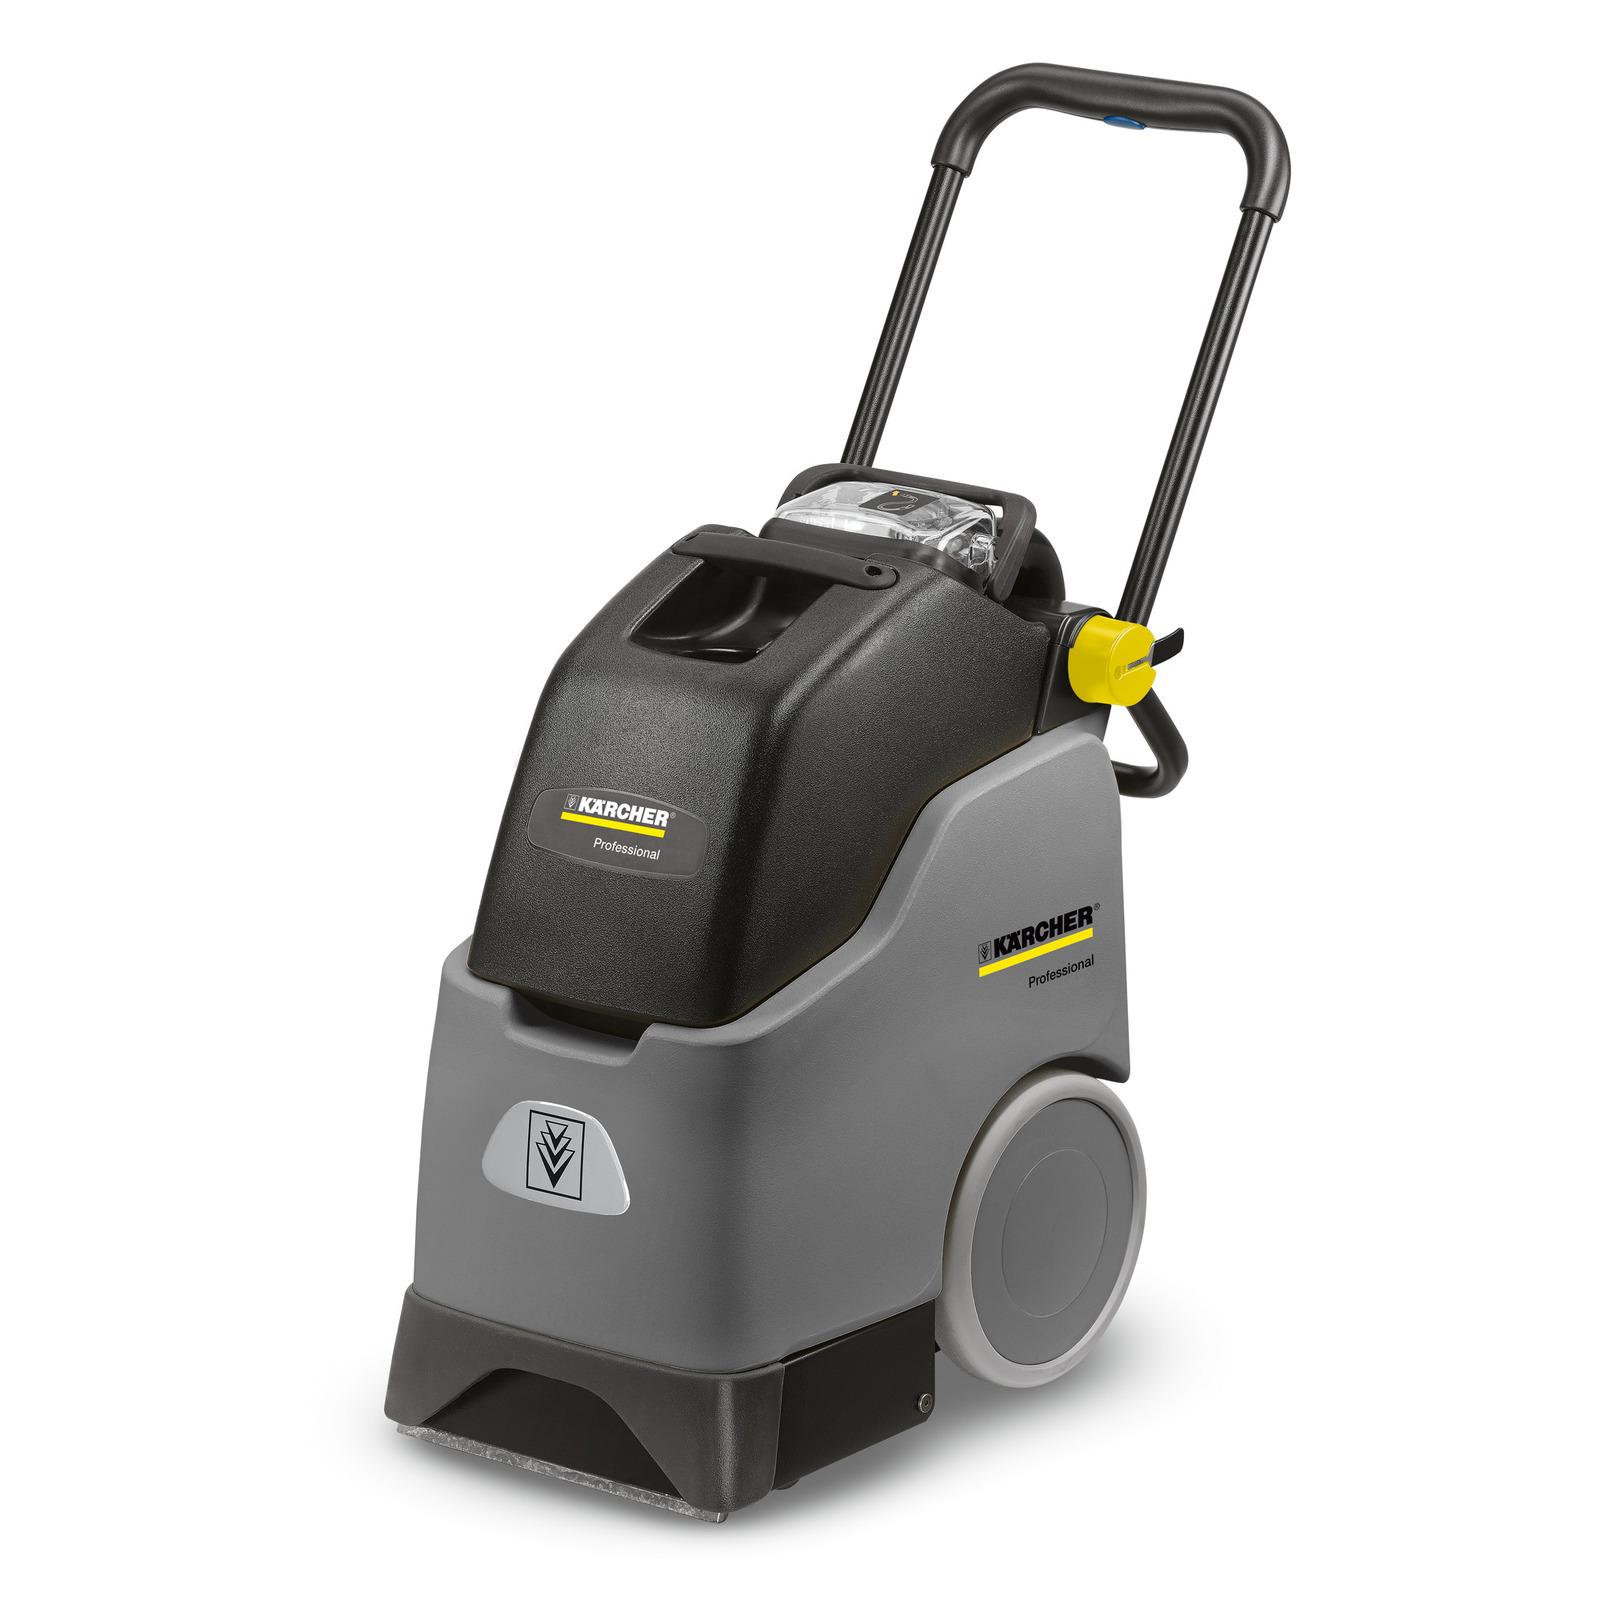 KARCHER - Carpet Extractor & Cleaner - BRC 30/15 C (230 V)